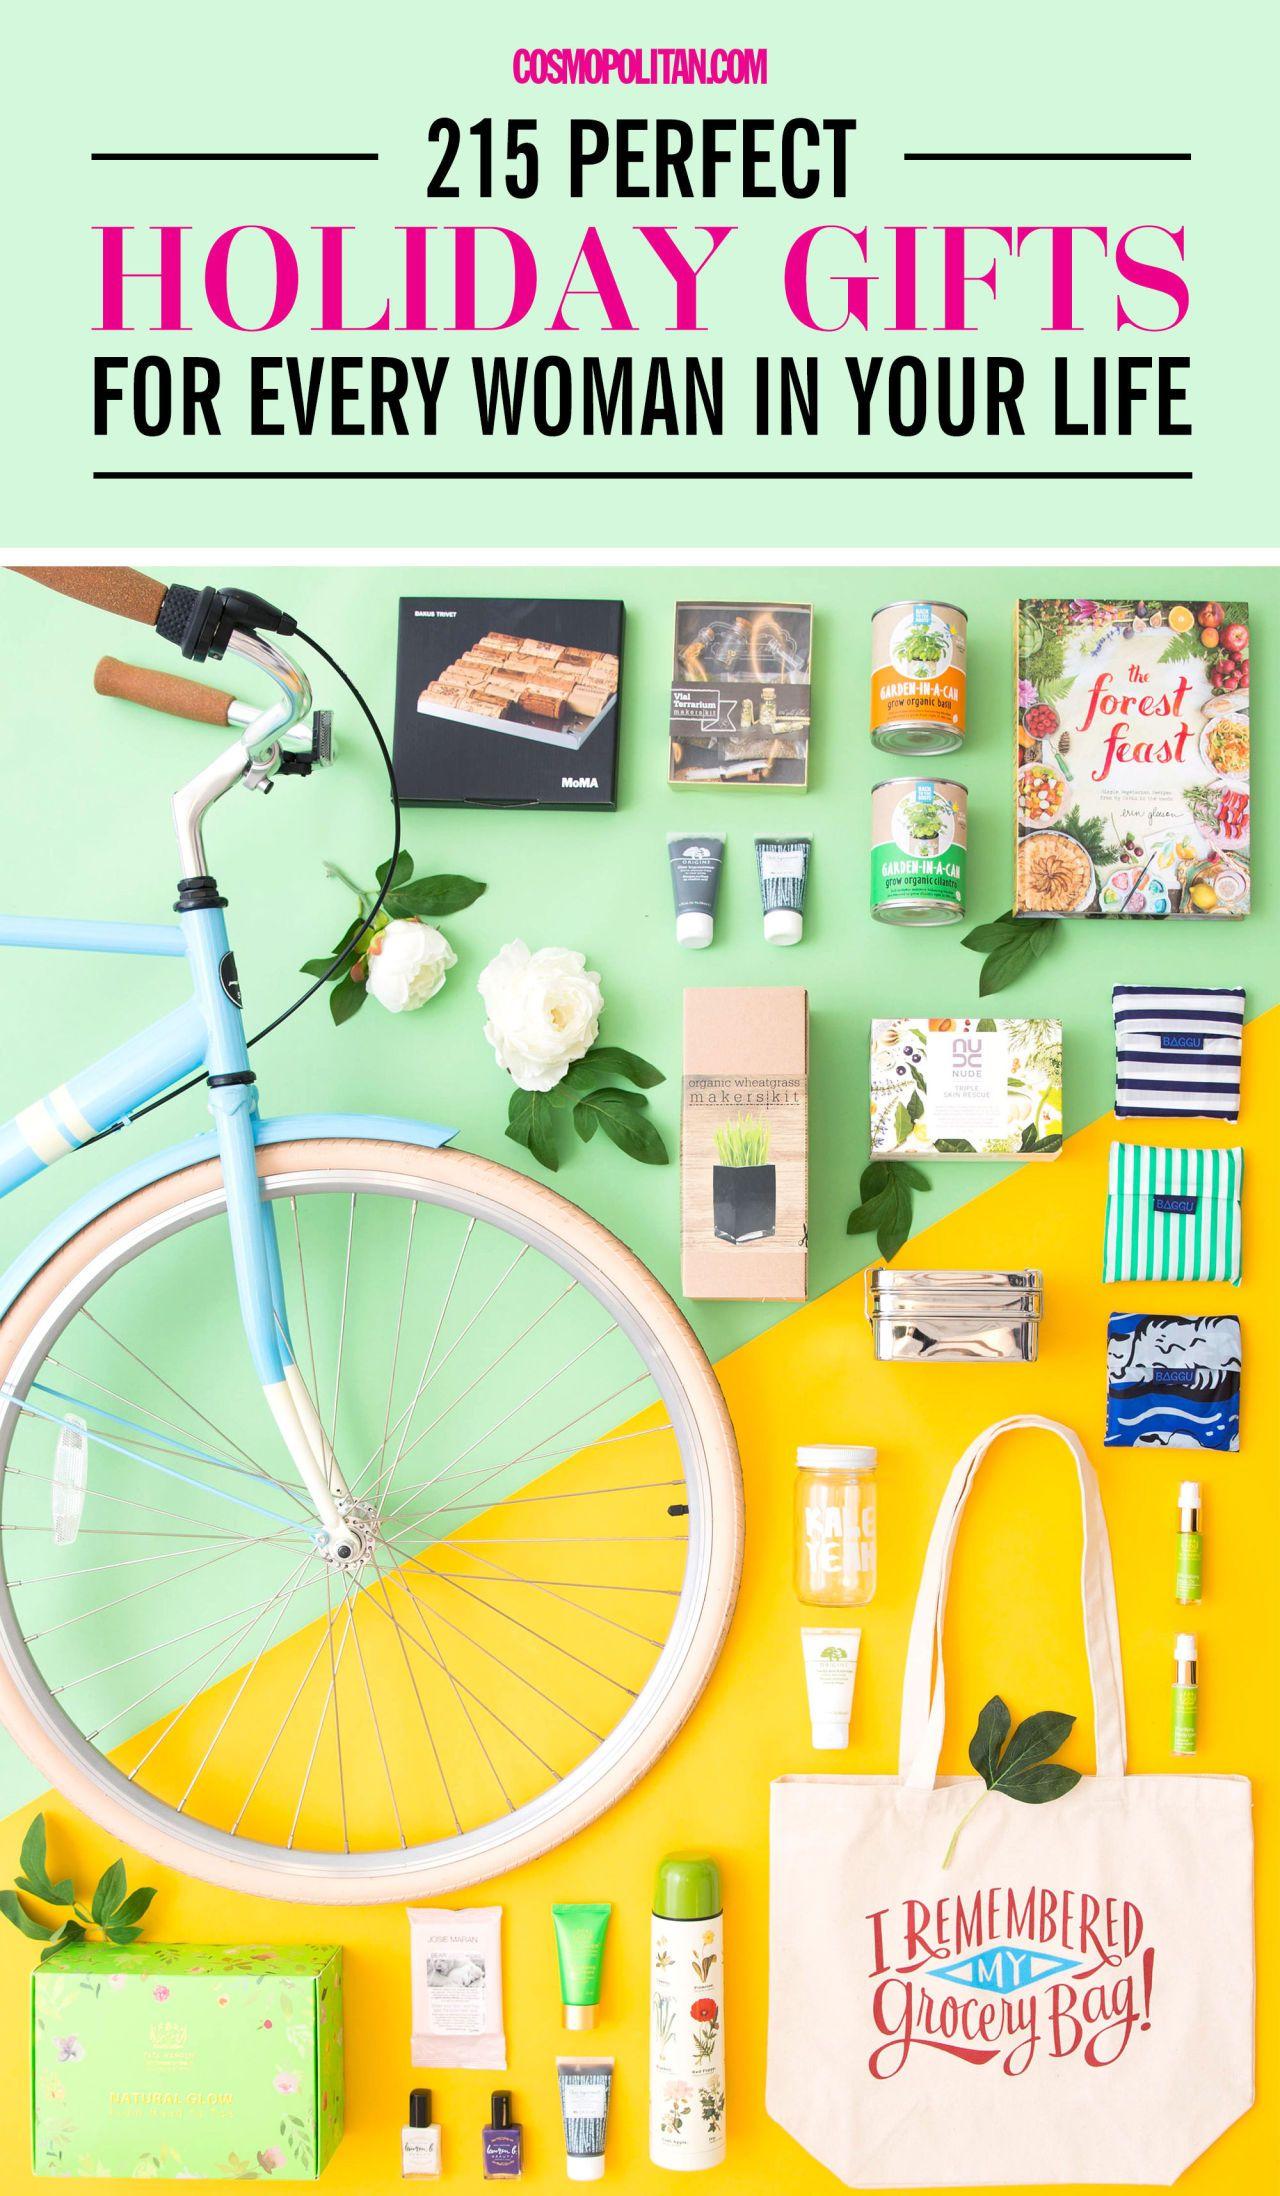 die besten 25 beste geschenke f r frauen ideen auf pinterest geschenke f r frauen. Black Bedroom Furniture Sets. Home Design Ideas